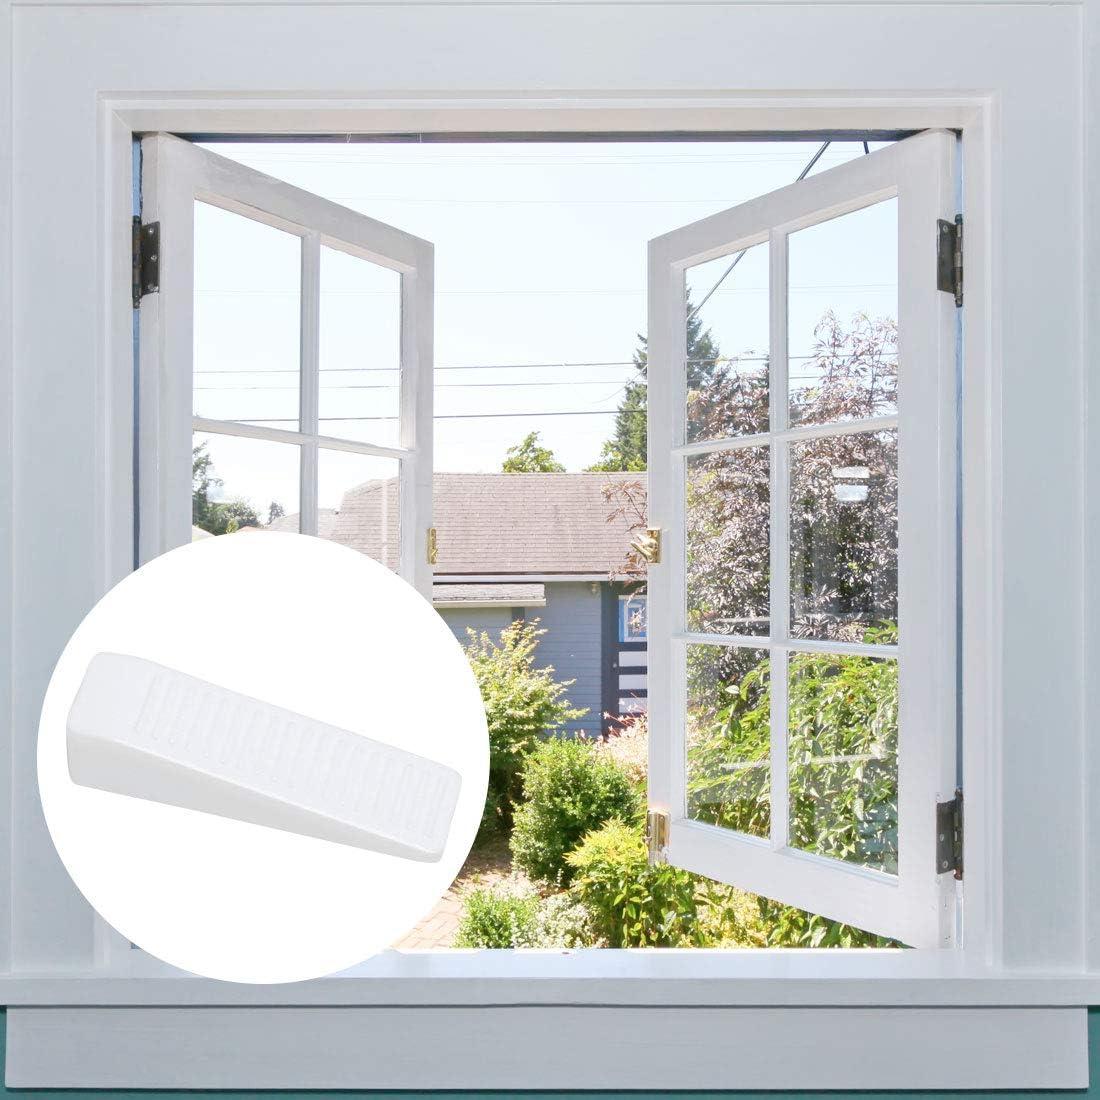 White uxcell Plastic Door Stopper Multi-surface Door Stop Wedge Wedges Door Gaps Flexible and Non-scratching Door Holder 2 Pack